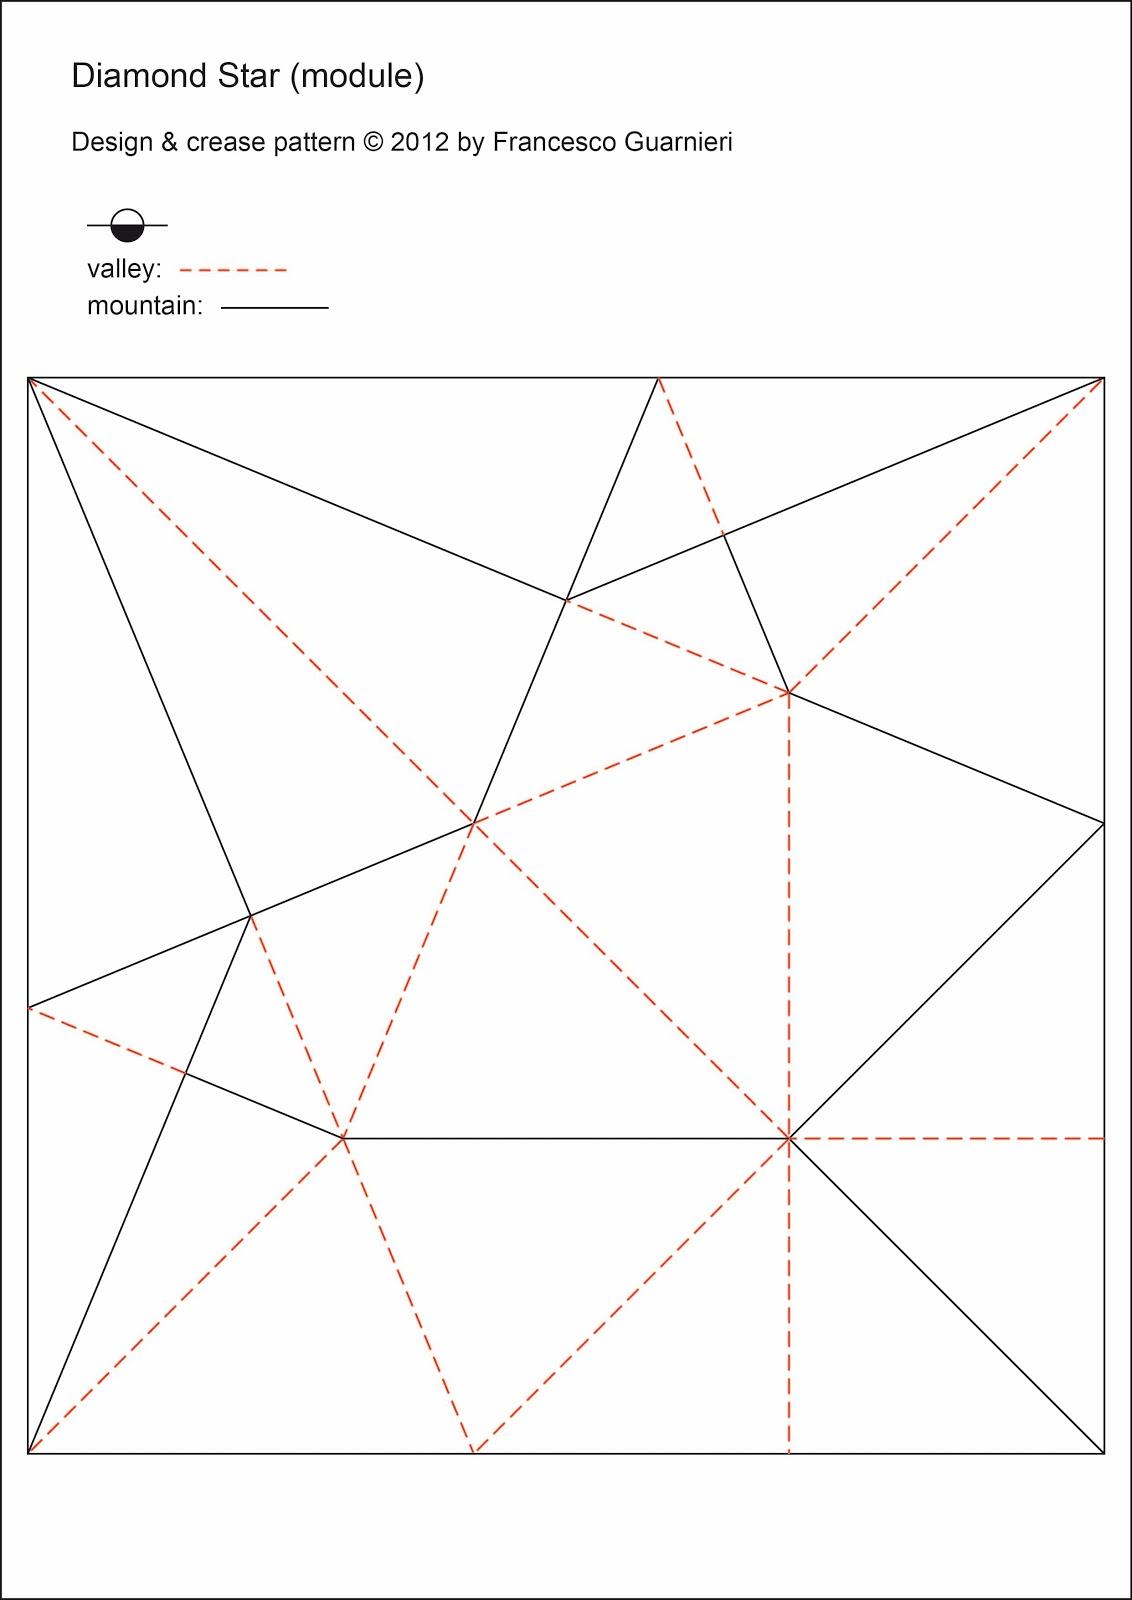 Origami Poesie Di Carta Stella Diamante 1 Francesco